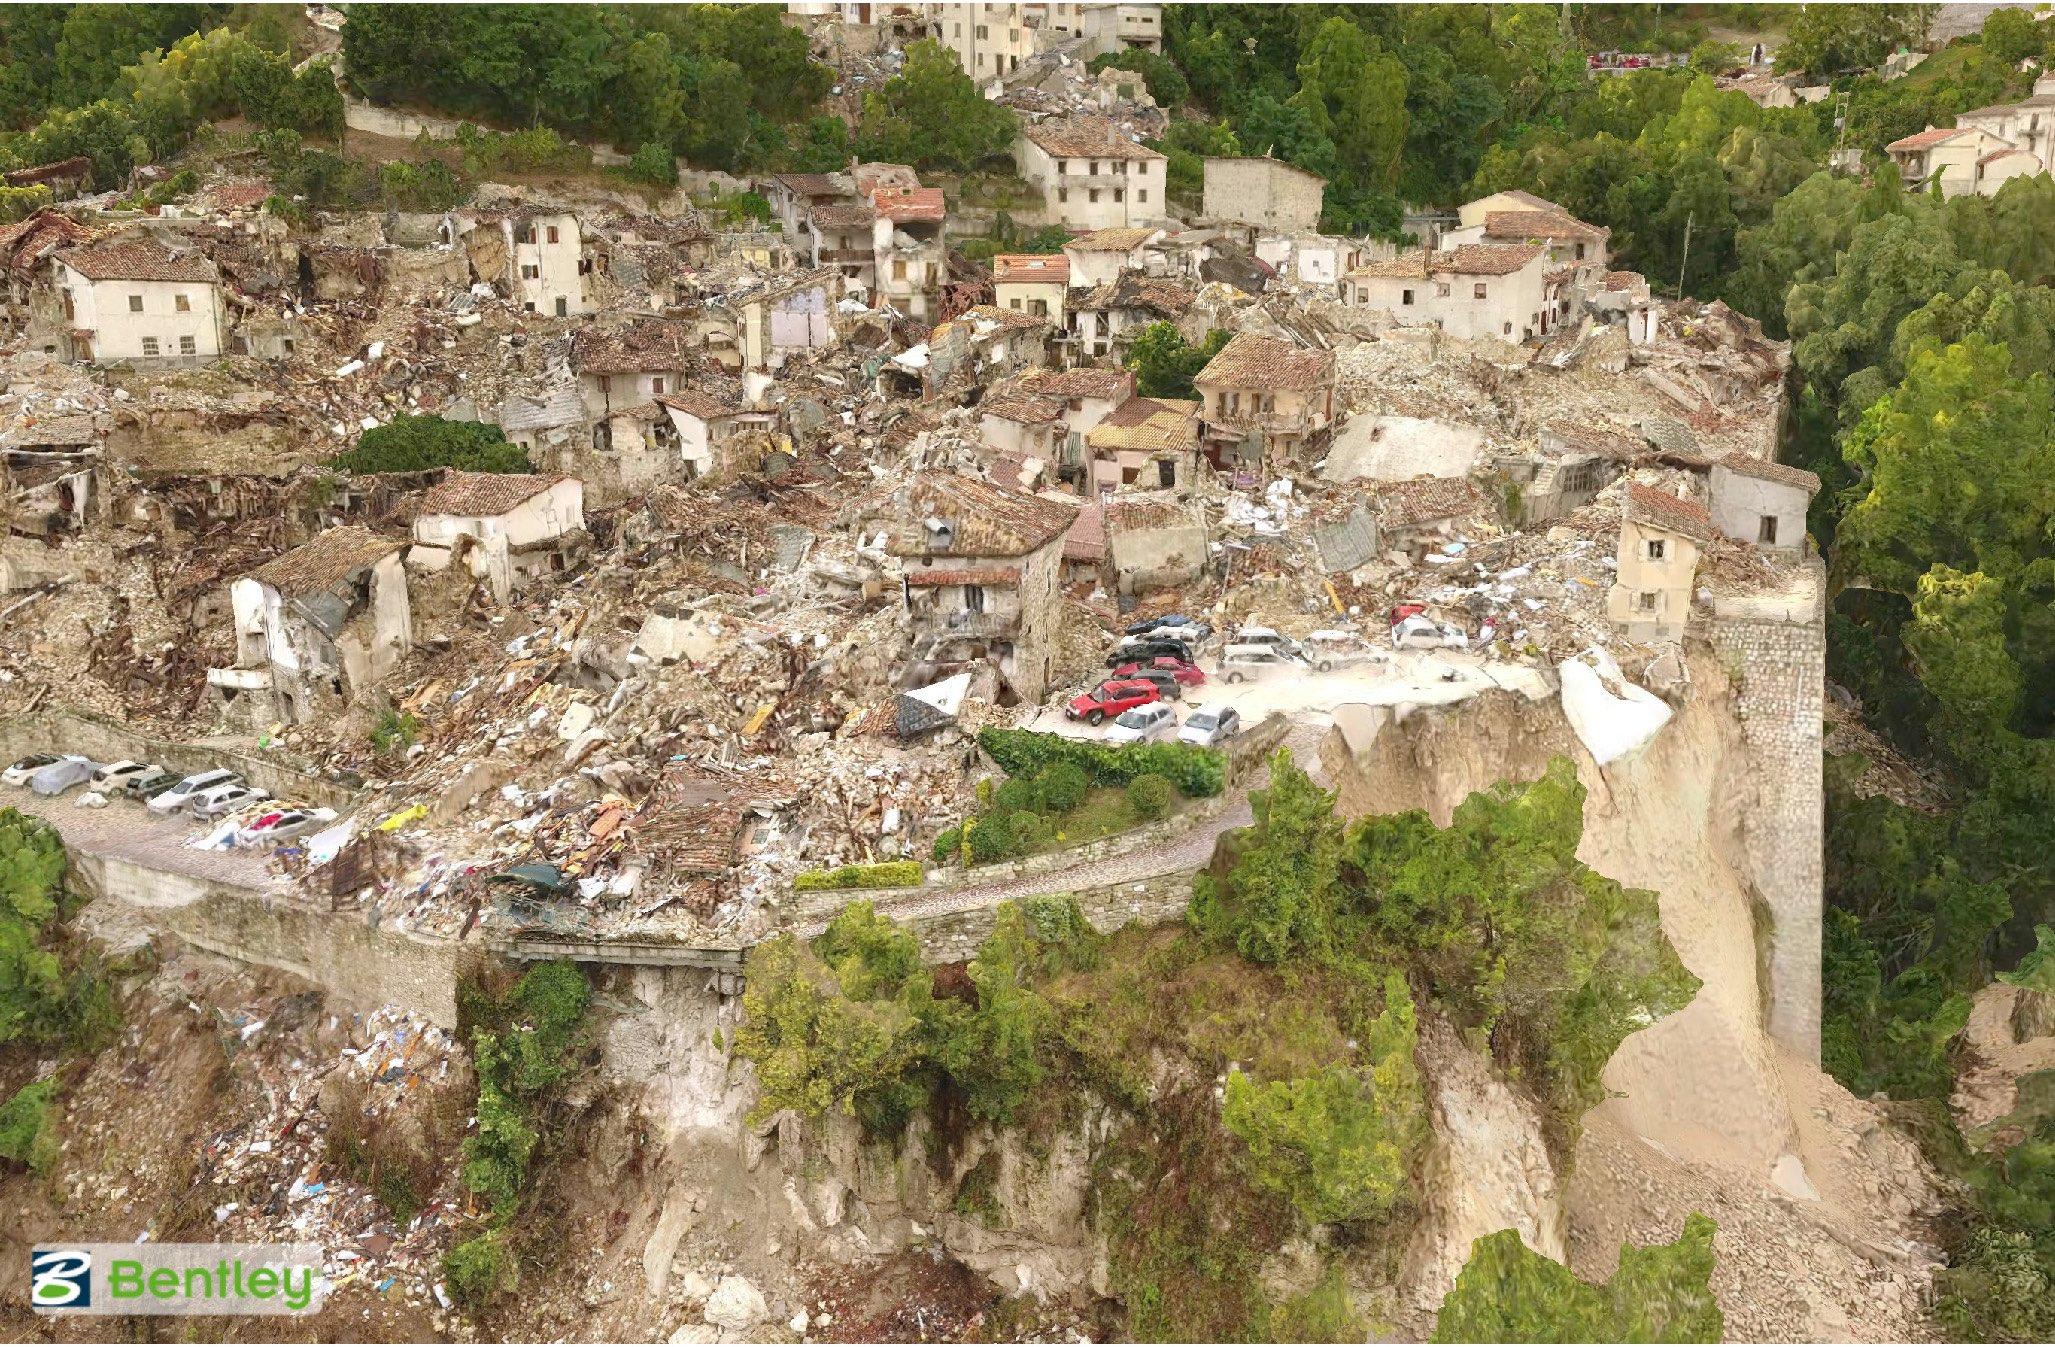 Pescara-del-Tronto-drone-footage-byu